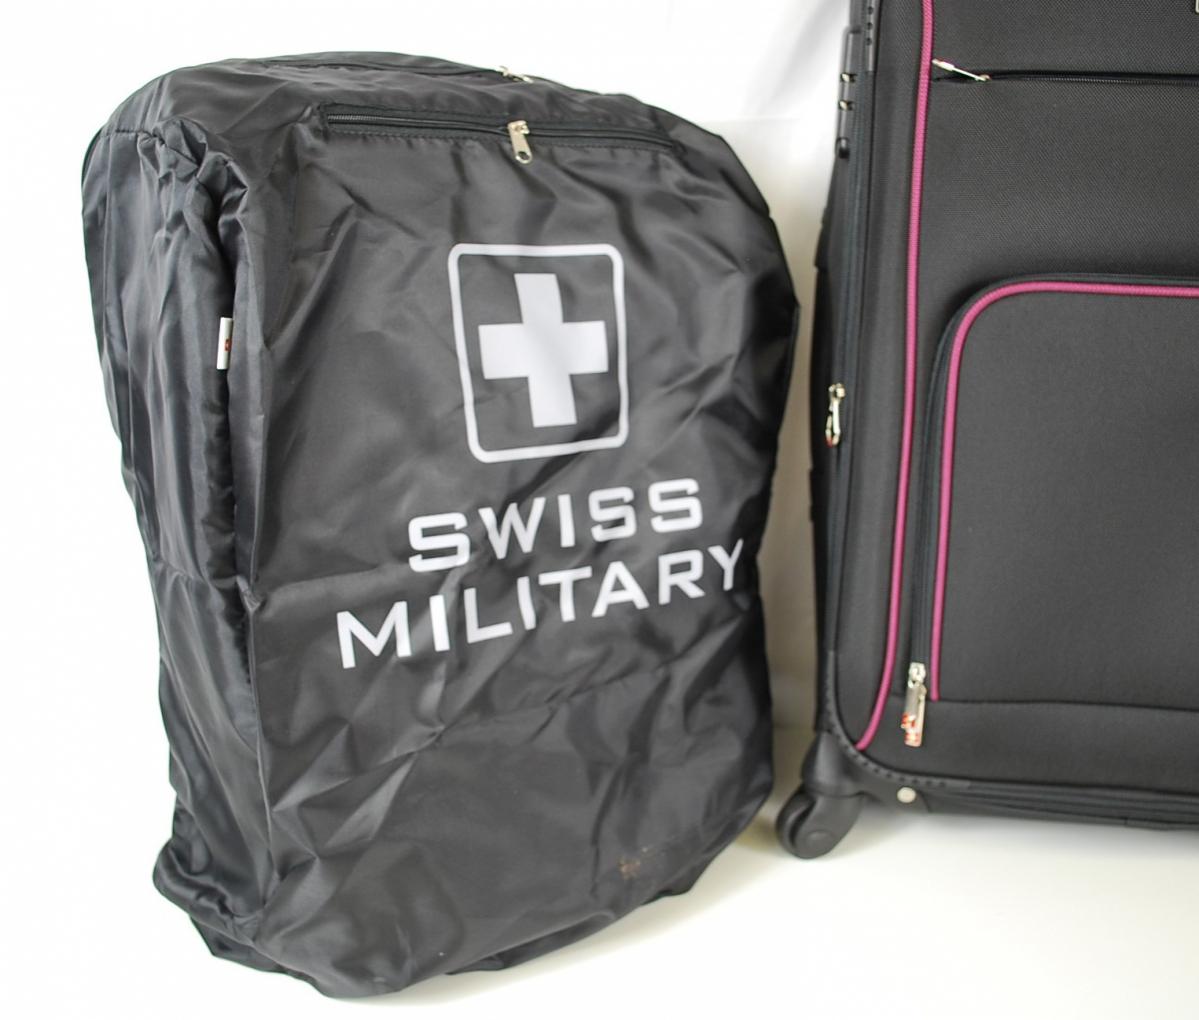 72PGN 【美品】 SWISS MILITARY スイスミリタリー スーツケース 5点セット ボストンバック パスポートバッグ ケースカバー ポリエステル_画像7